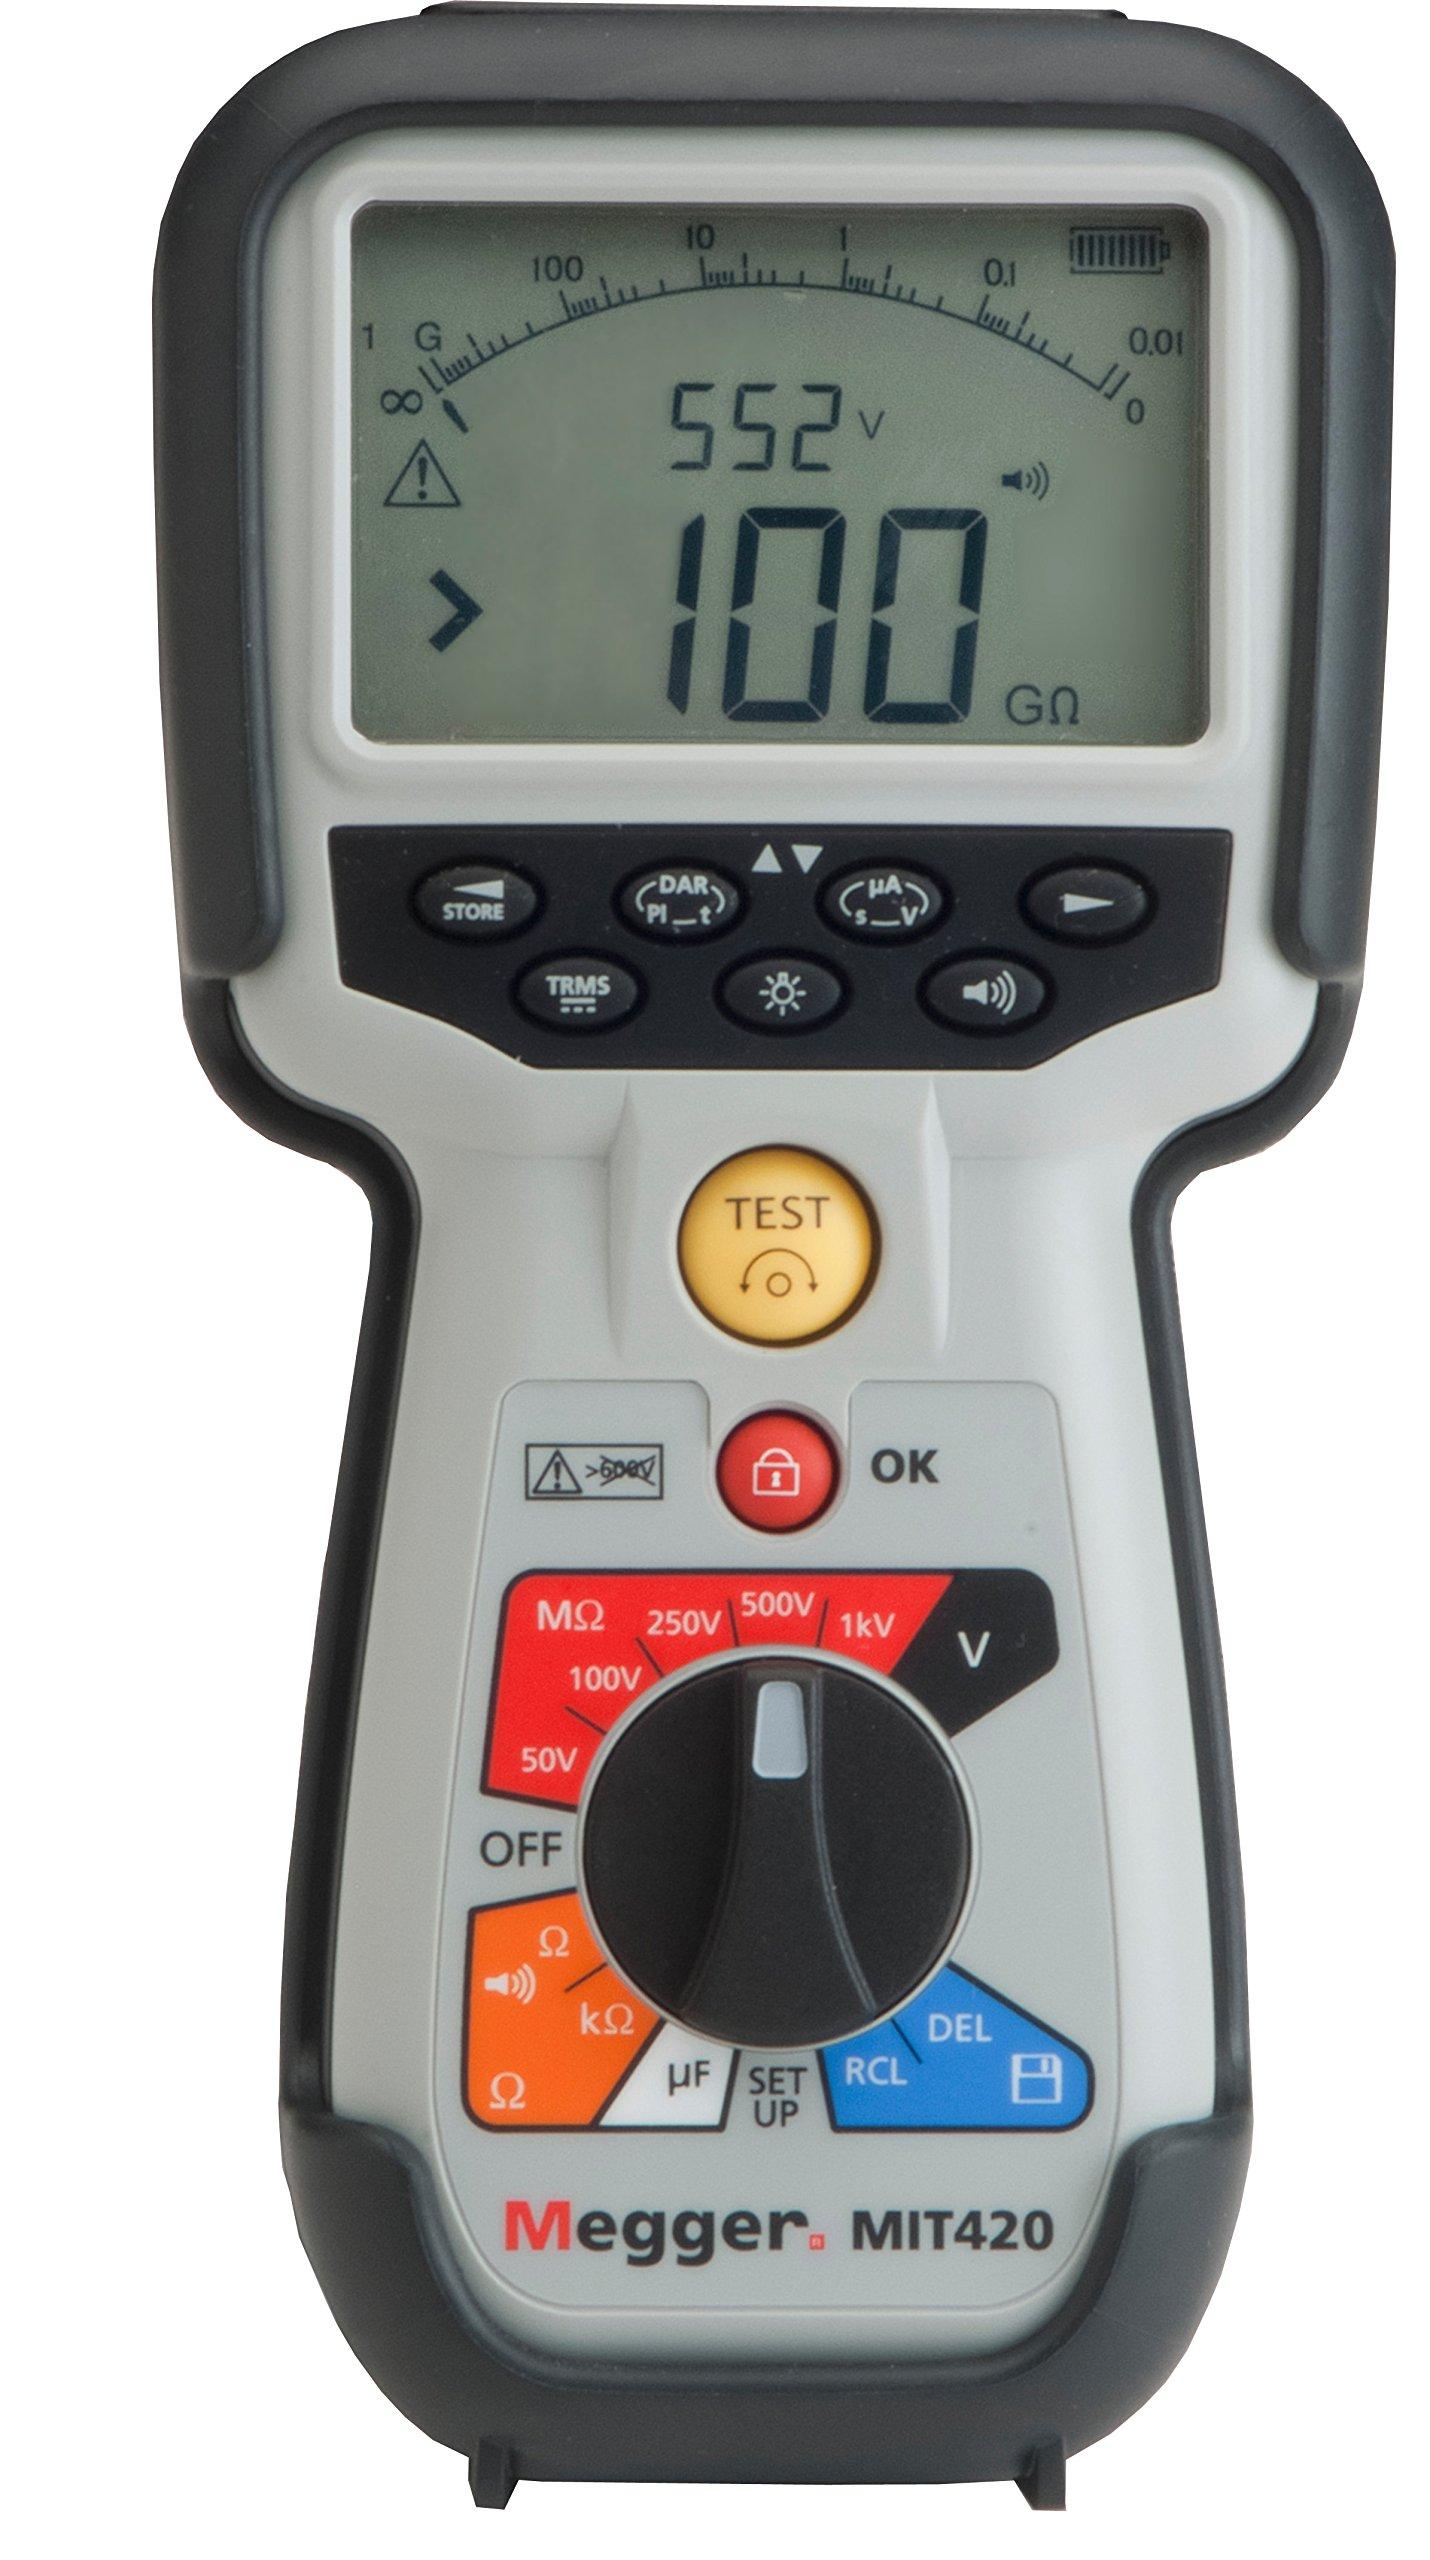 Megger MIT420-EN Insulation Tester, 200 Gigaohms Resistance, 50V, 100V, 250V, 500V, 1000V Test Voltage with a NIST-Traceable Calibration Certificate with Data